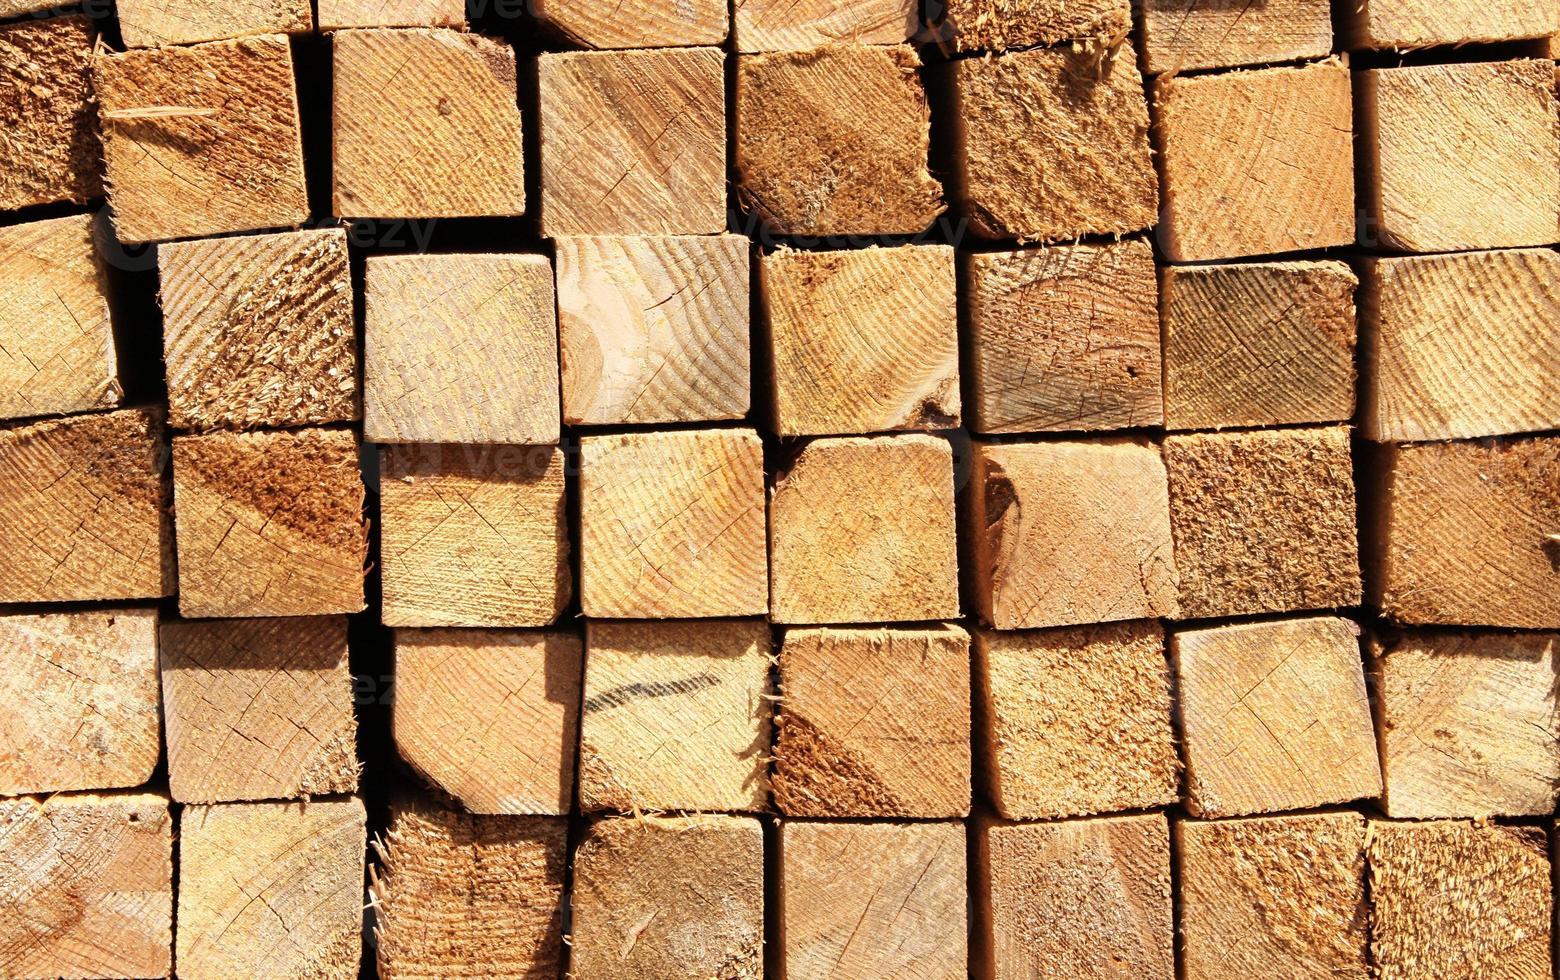 Holzbretter in einem Lagerhaus foto